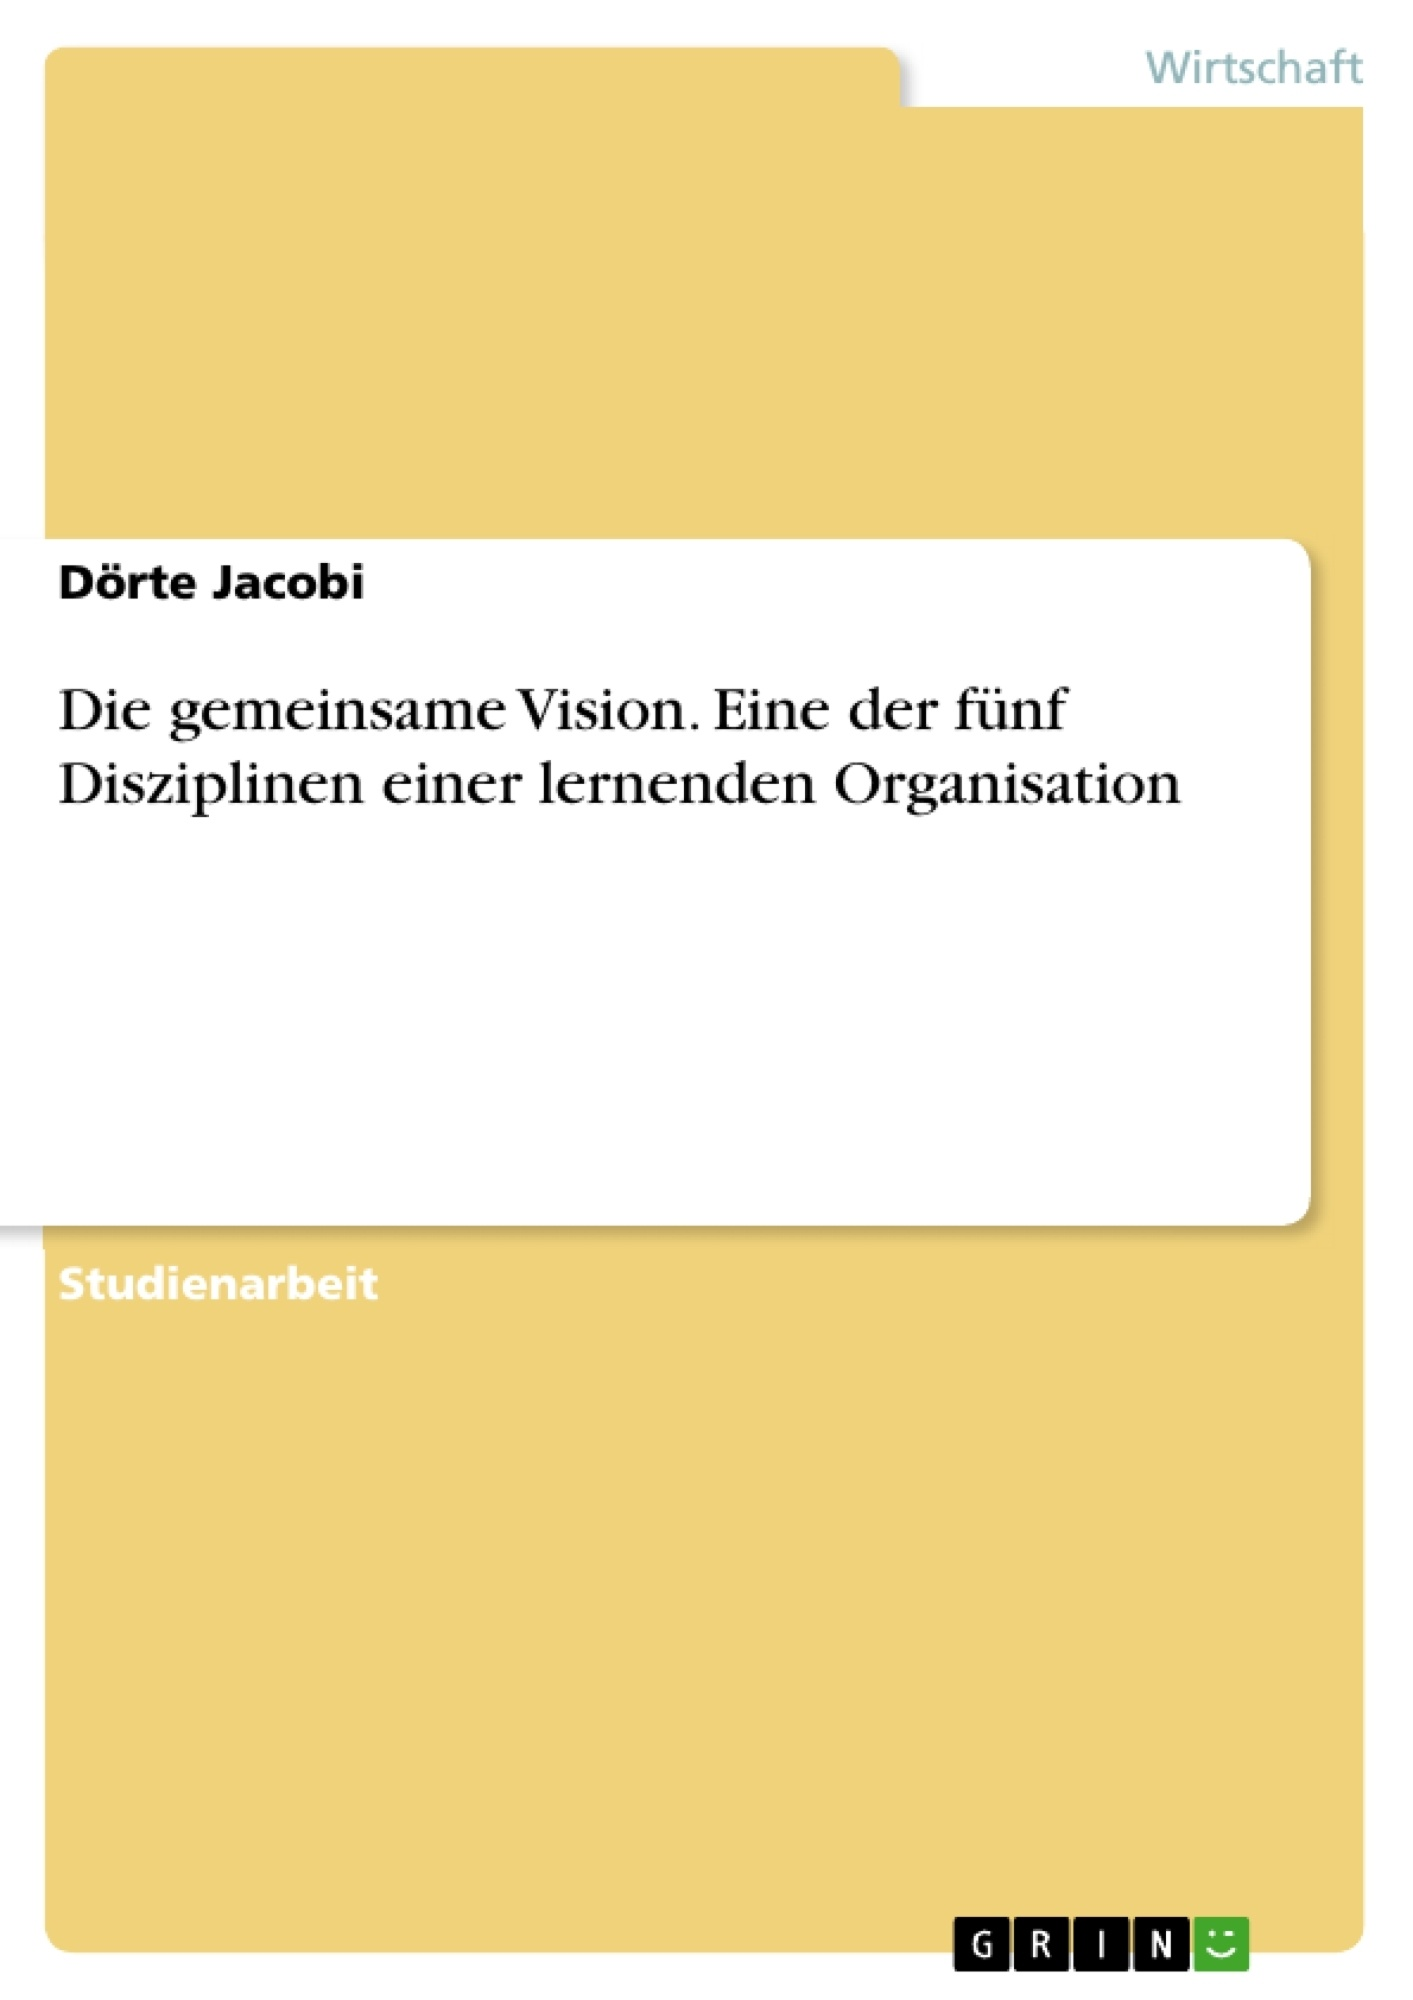 Titel: Die gemeinsame Vision. Eine der fünf Disziplinen einer lernenden Organisation